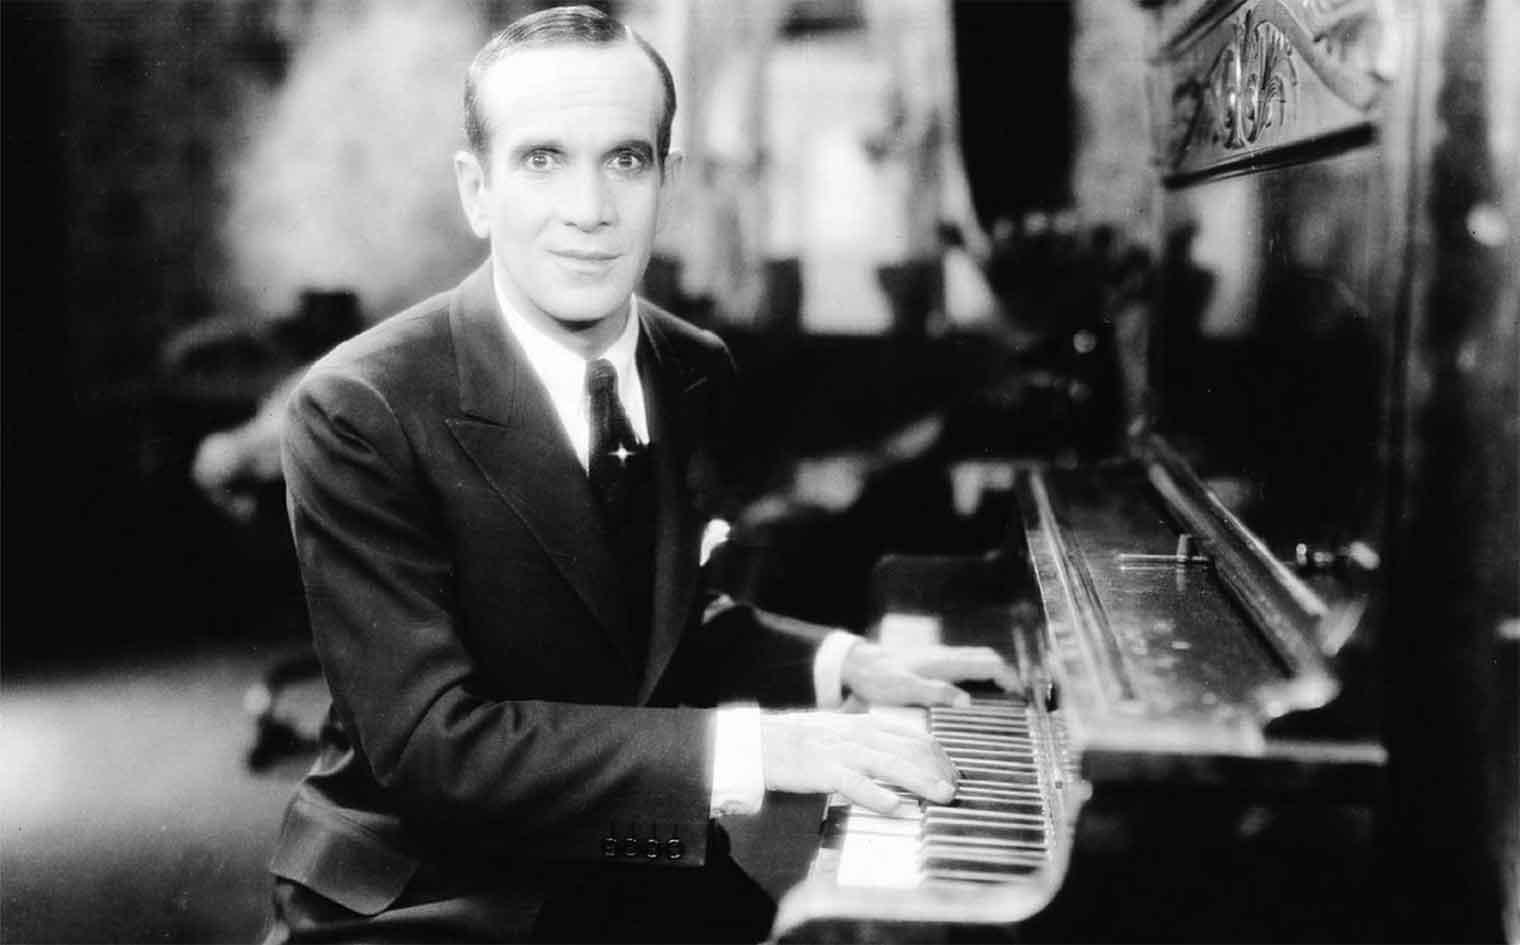 THE JAZZ SINGER & VITAPHONE VARIETIES: 1926-1927